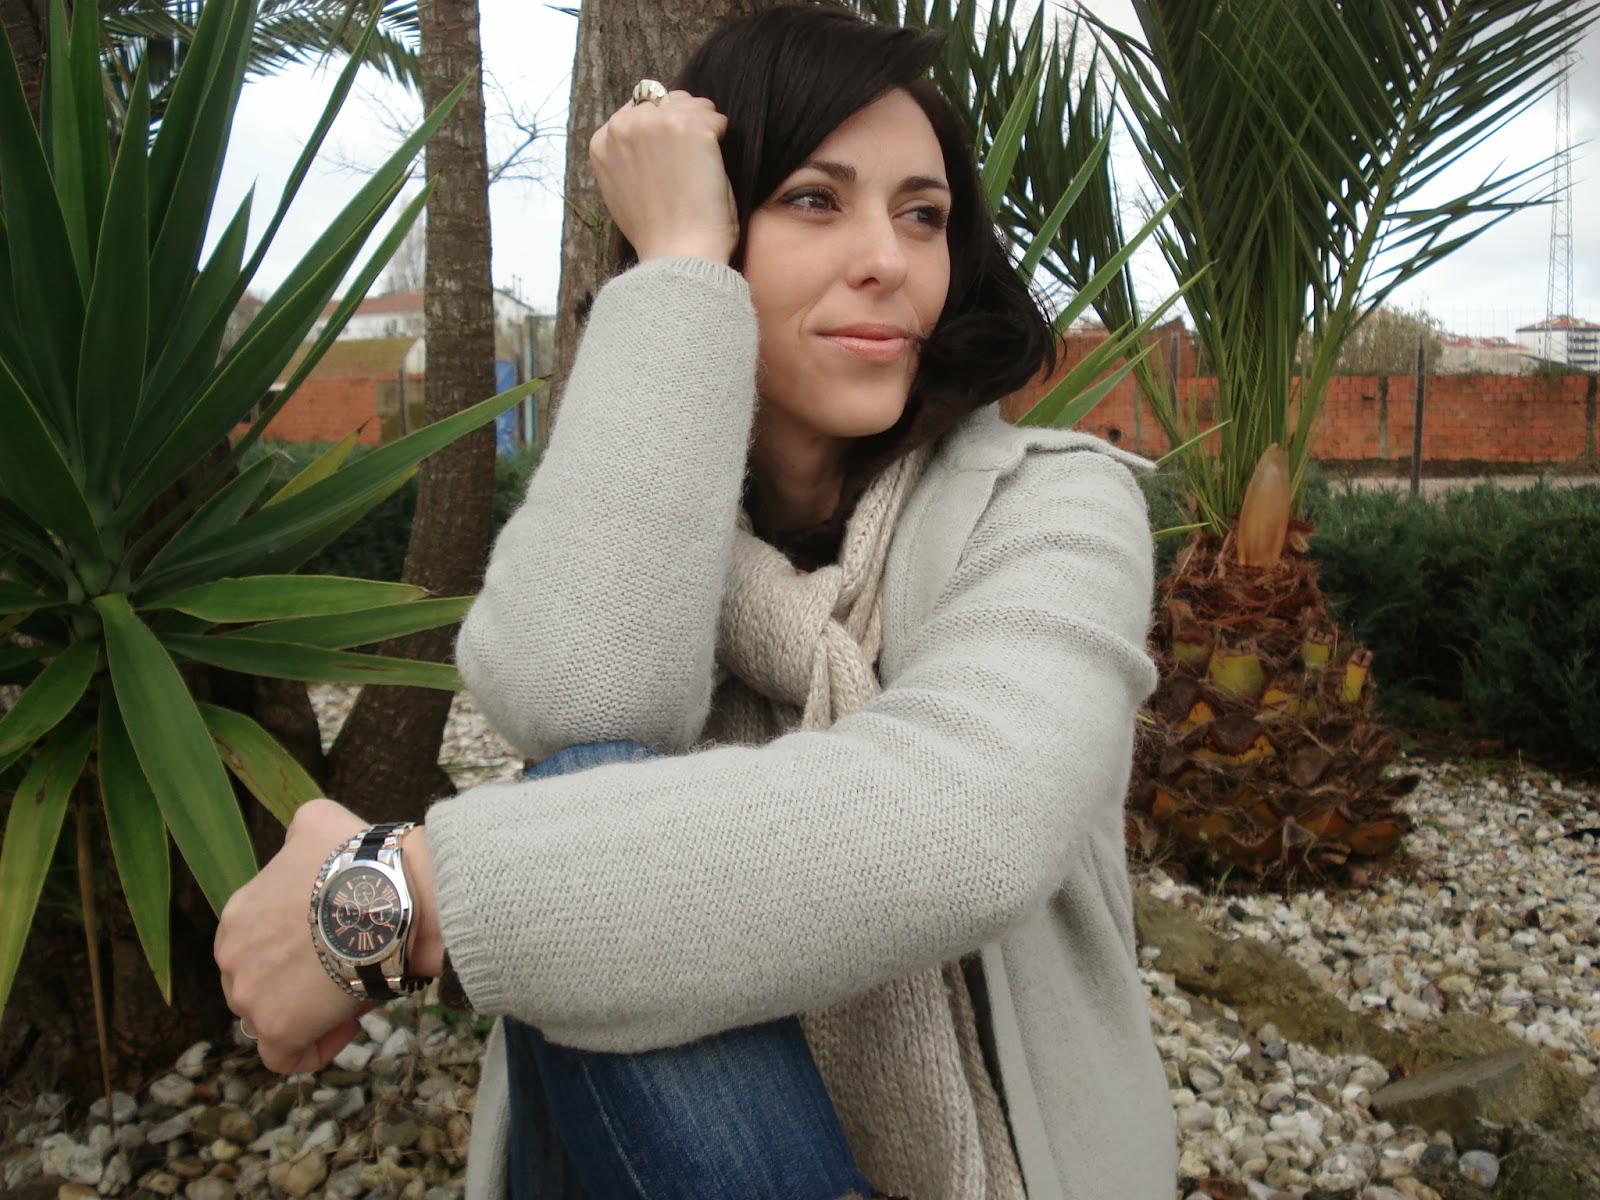 moda, saptinho, 10, 2014, summer, verão, top, aveiro, portugal, blog, blogue, blogger, look